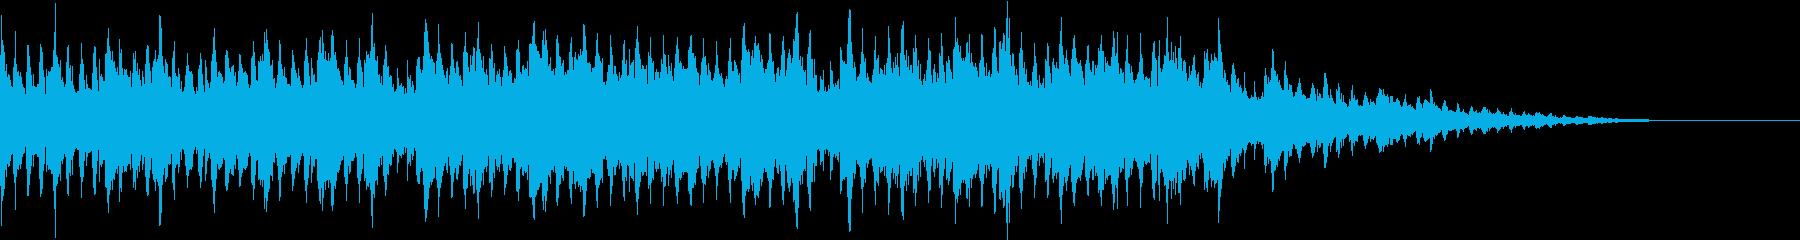 ゆったりしたオシャレなBGM 1の再生済みの波形